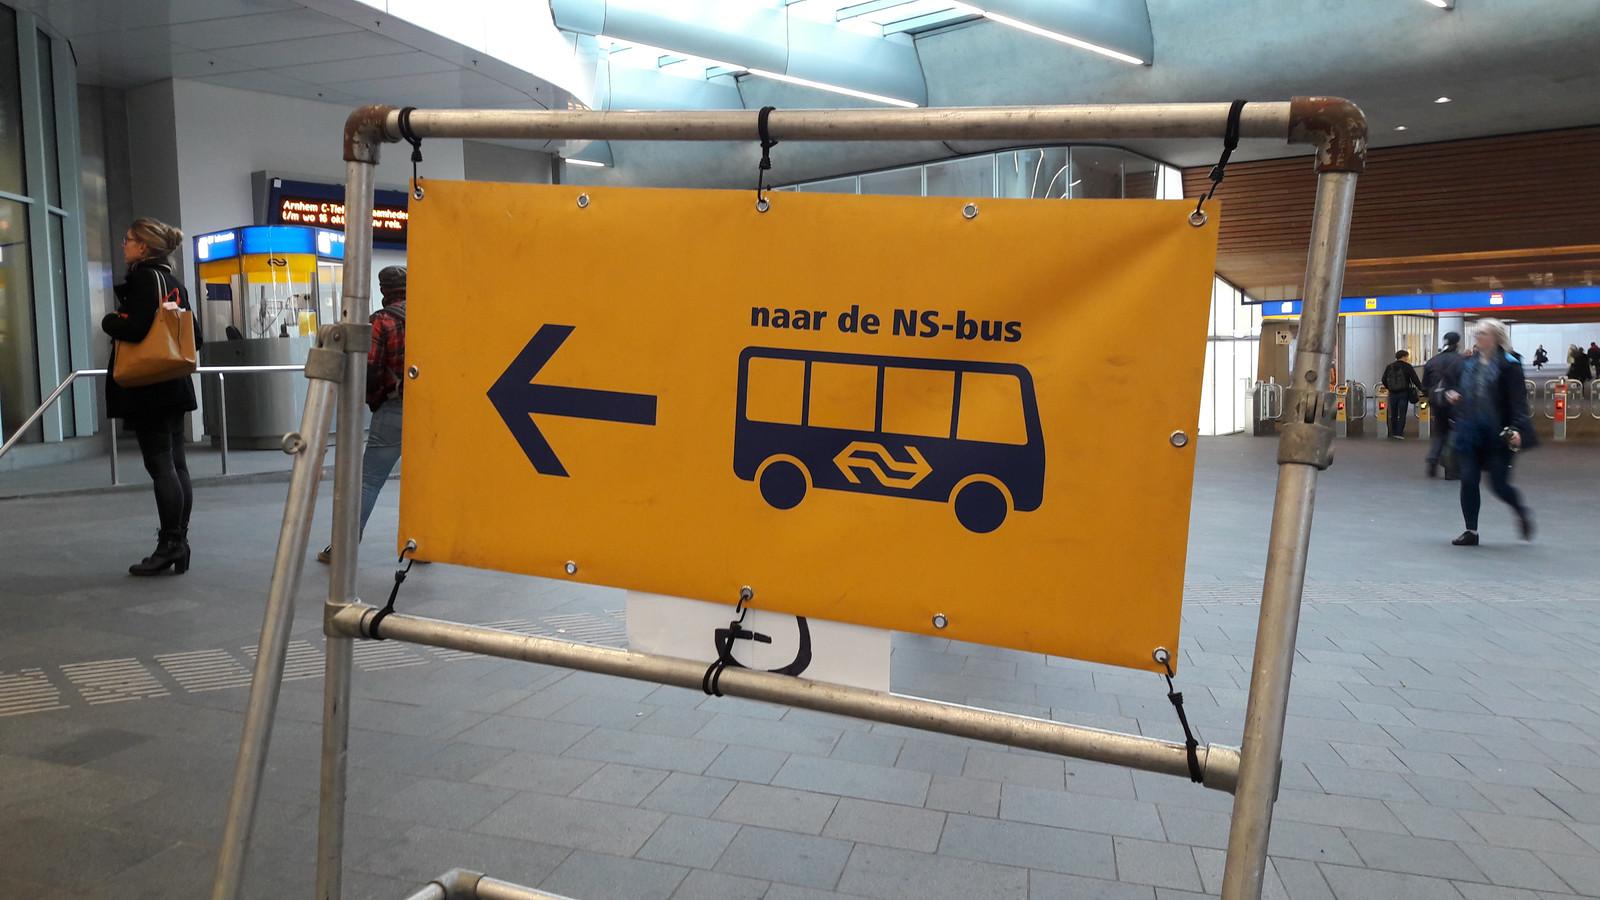 Door werkzaamheden aan het spoor tijden er tussen Arnhem en Nijmegen geen treinen. NS zet bussen in.